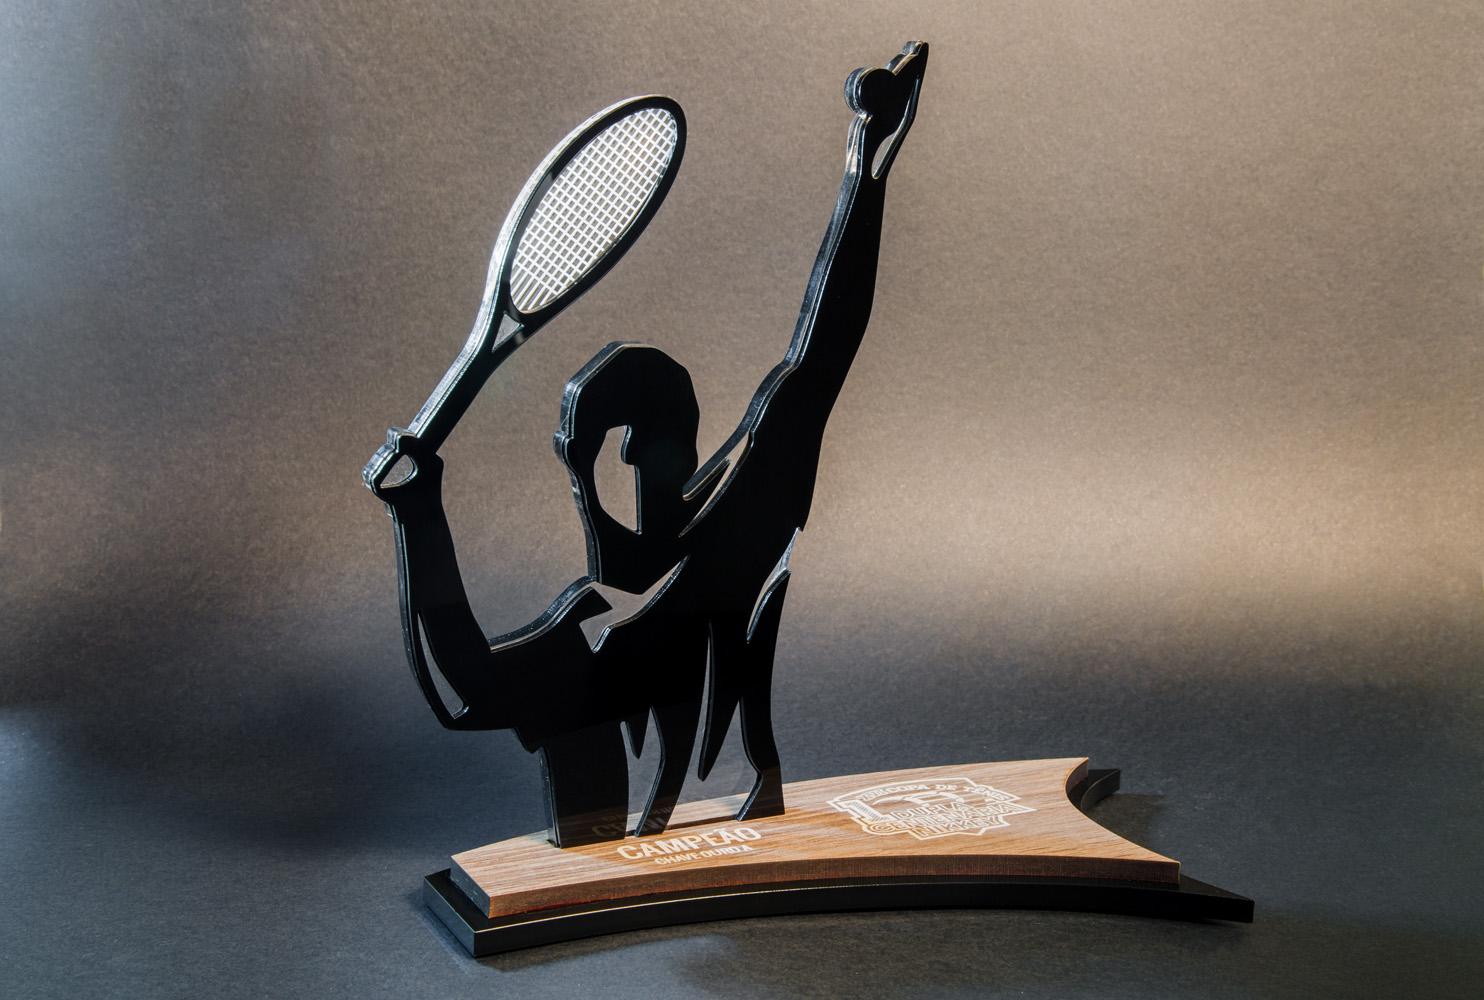 Troféu de Tenis | TOPTROFÉUS